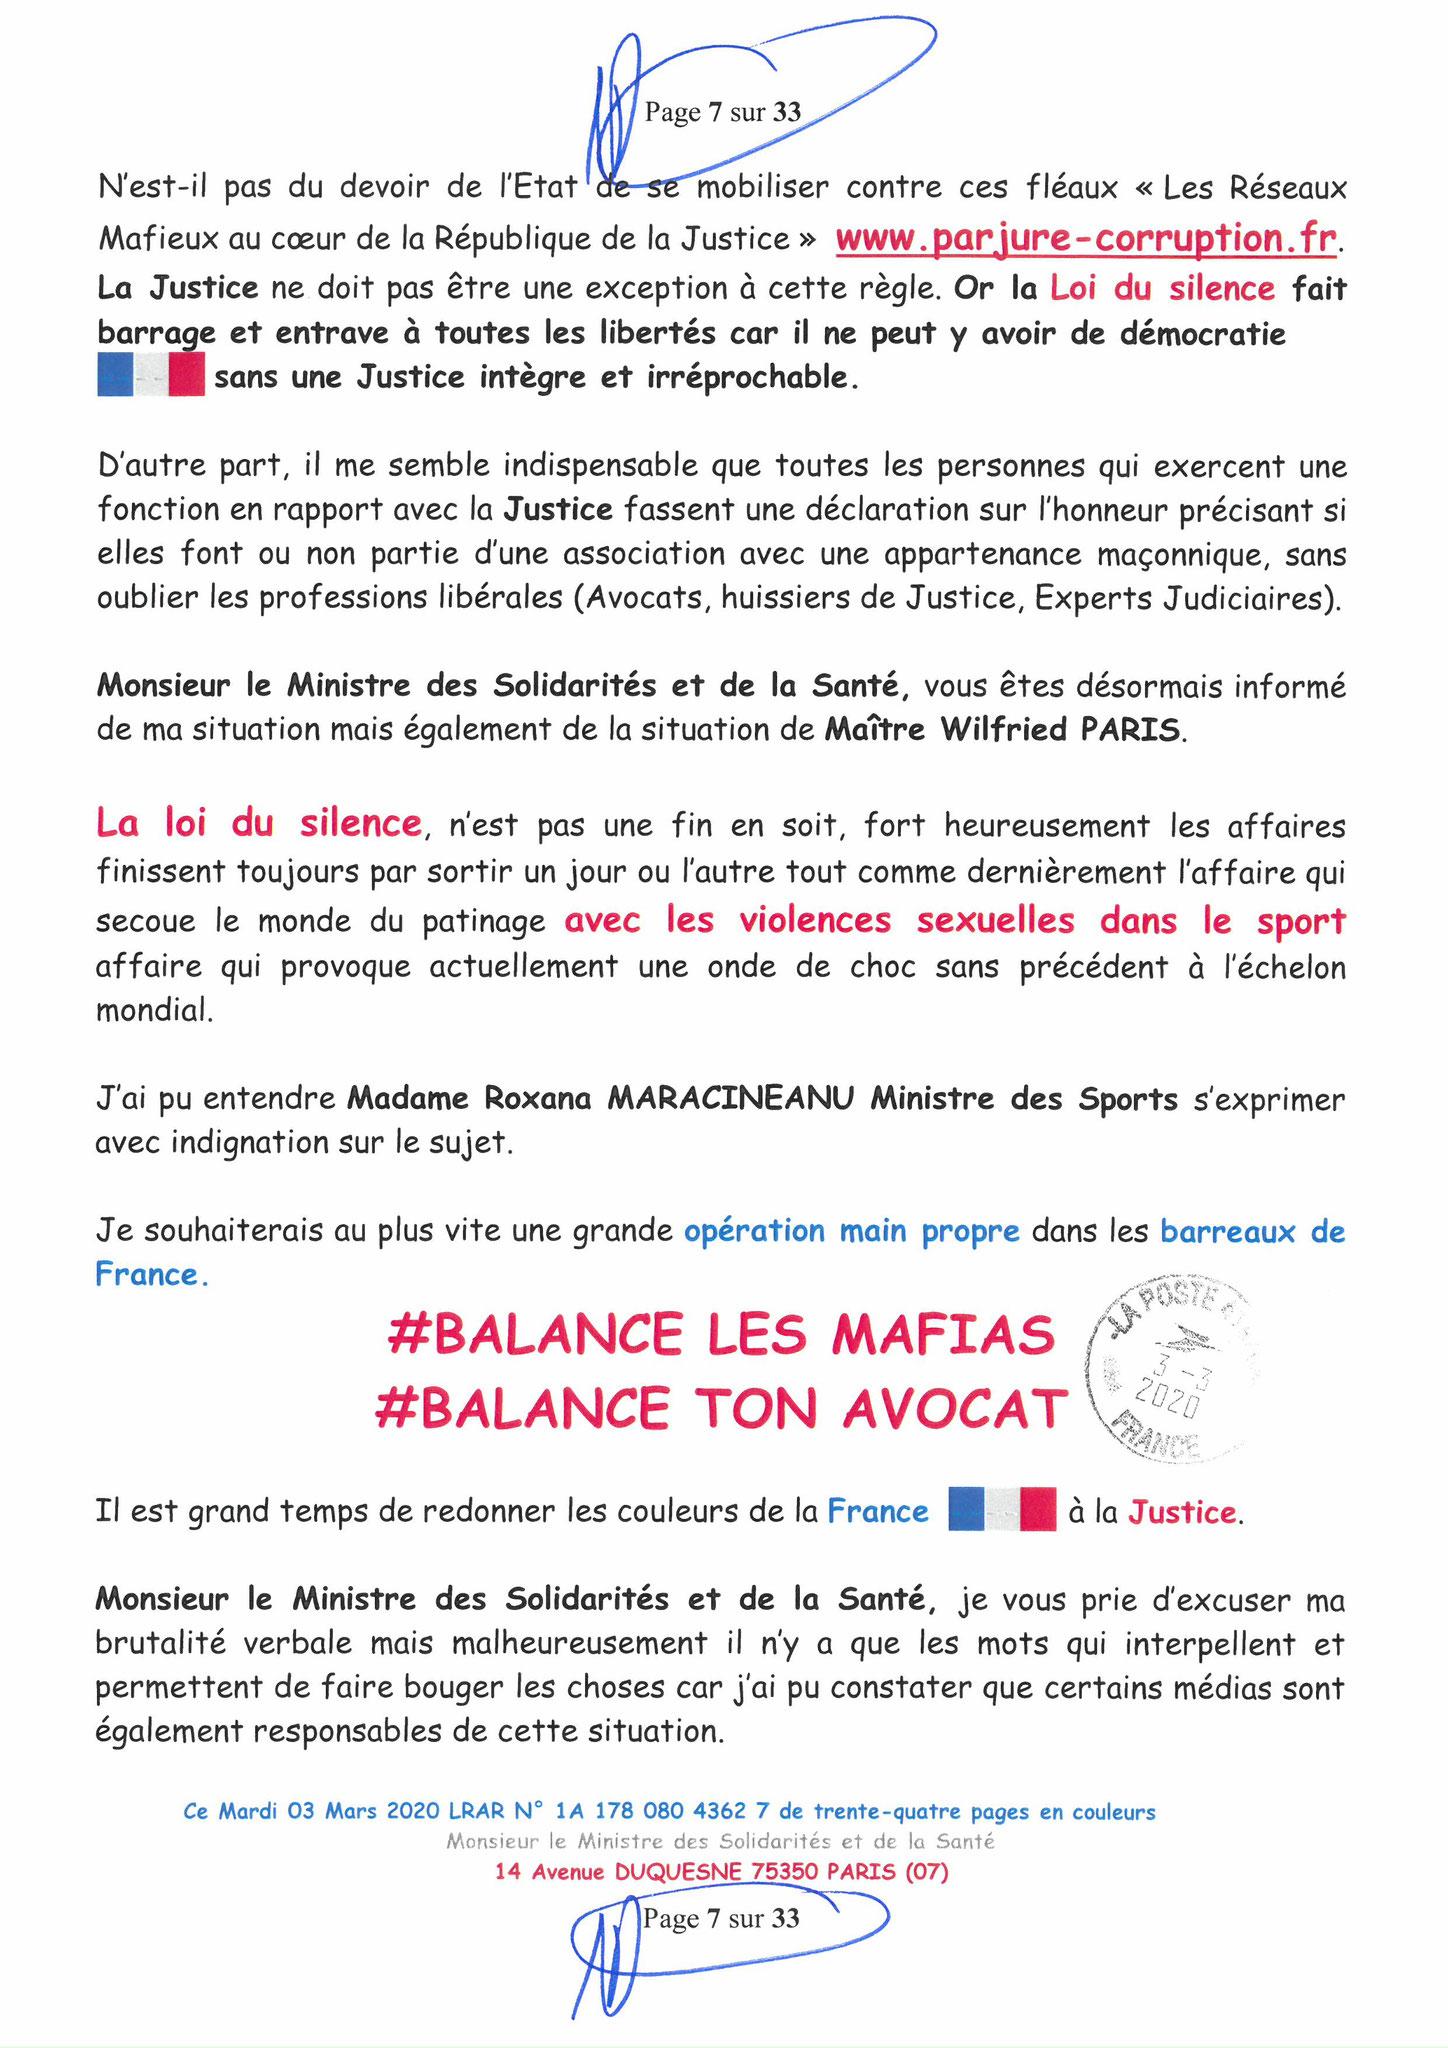 Page 7 sur 33 Ma lettre recommandée N0 1A 178 080 4362 7 du 03 Mars 2020 à Monsieur Olivier VERAN le Ministre de la Santé et des Solidarités www.jesuispatrick.fr